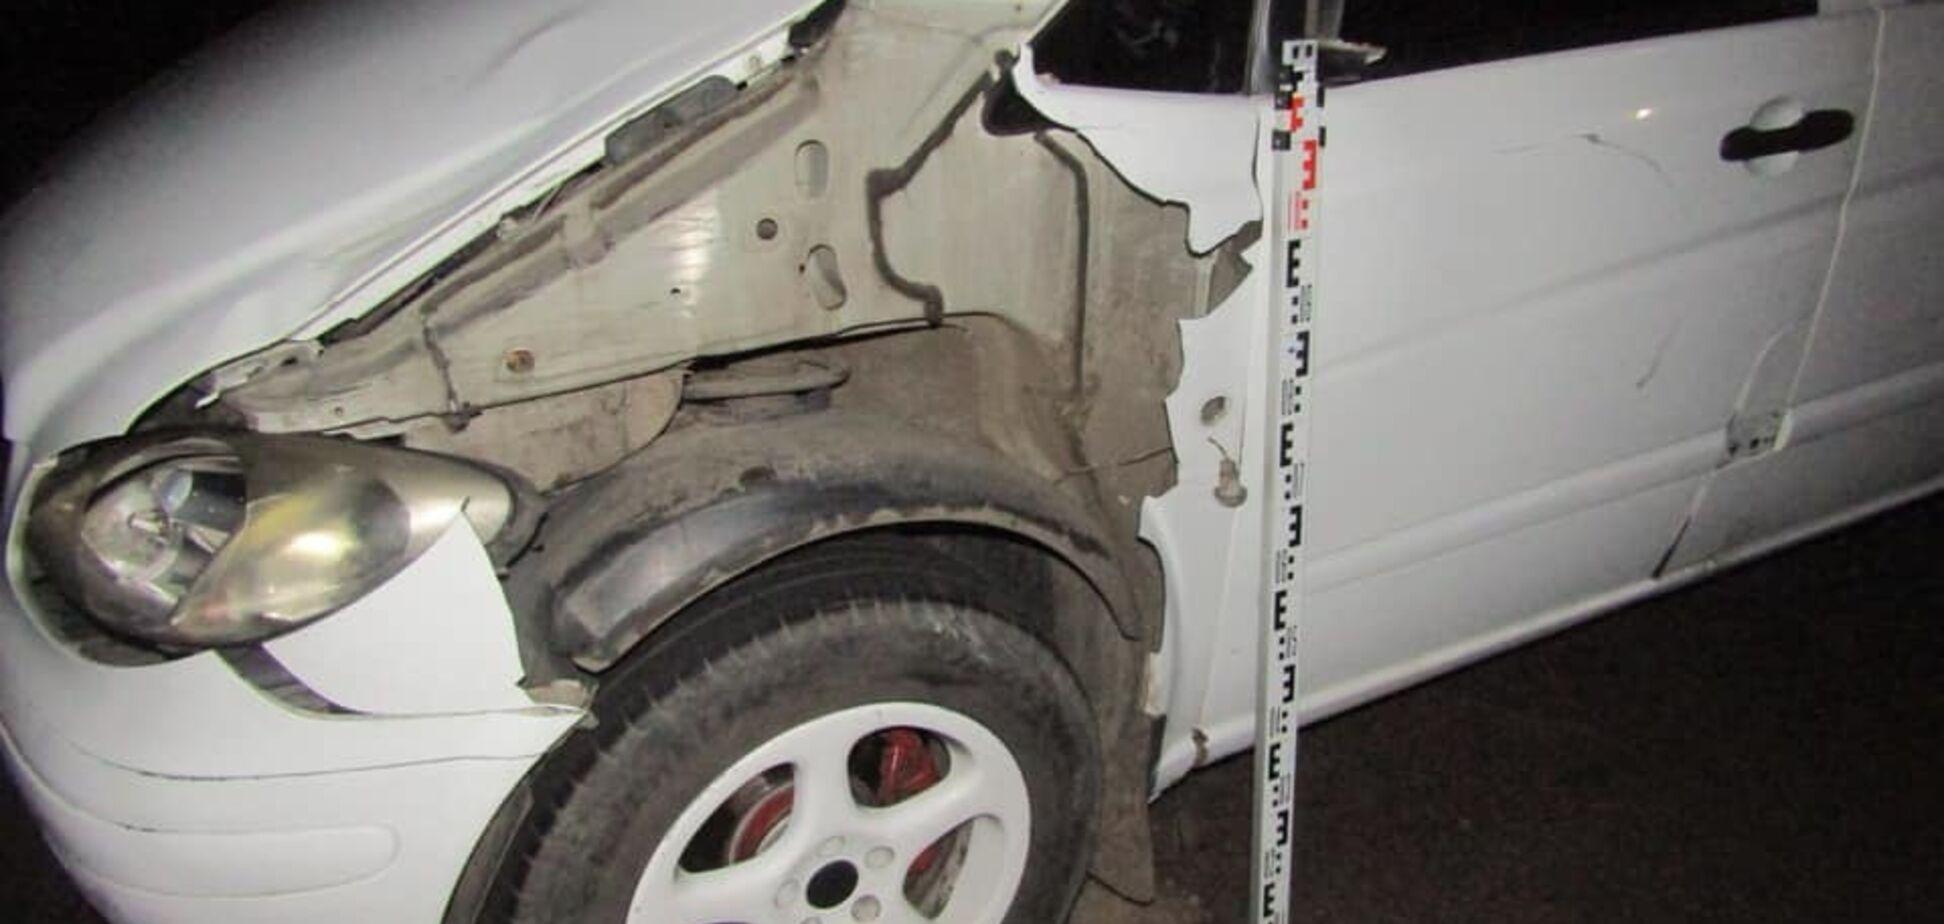 Під Києвом мікроавтобус насмерть збив неповнолітнього: фото